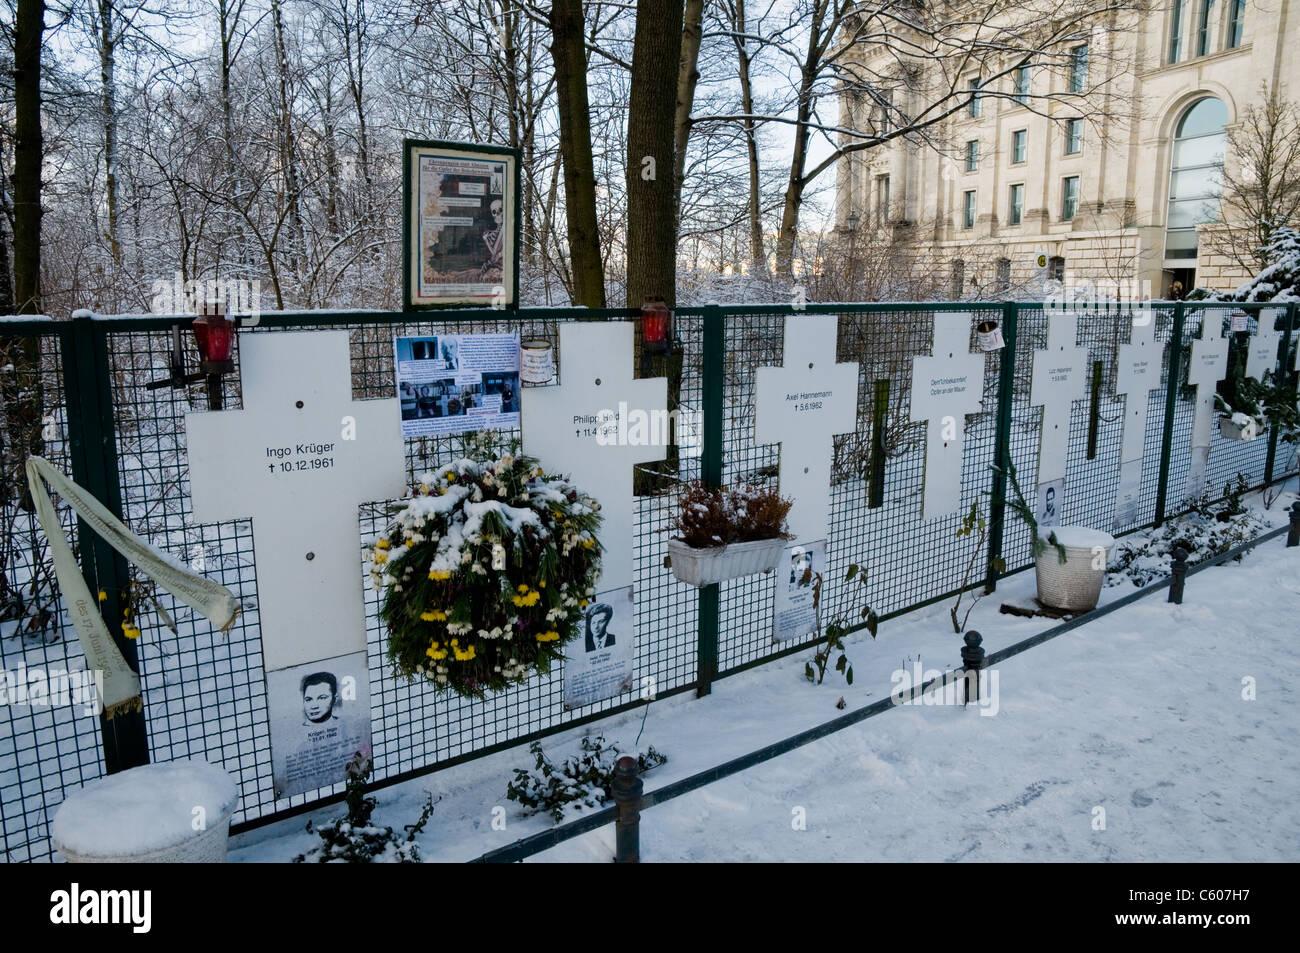 Gedenkstätte für die Opfer auf der Ost-Berliner Flucht und getötet von ostdeutschen Grenze bewacht, Ebertstraße, Stockfoto